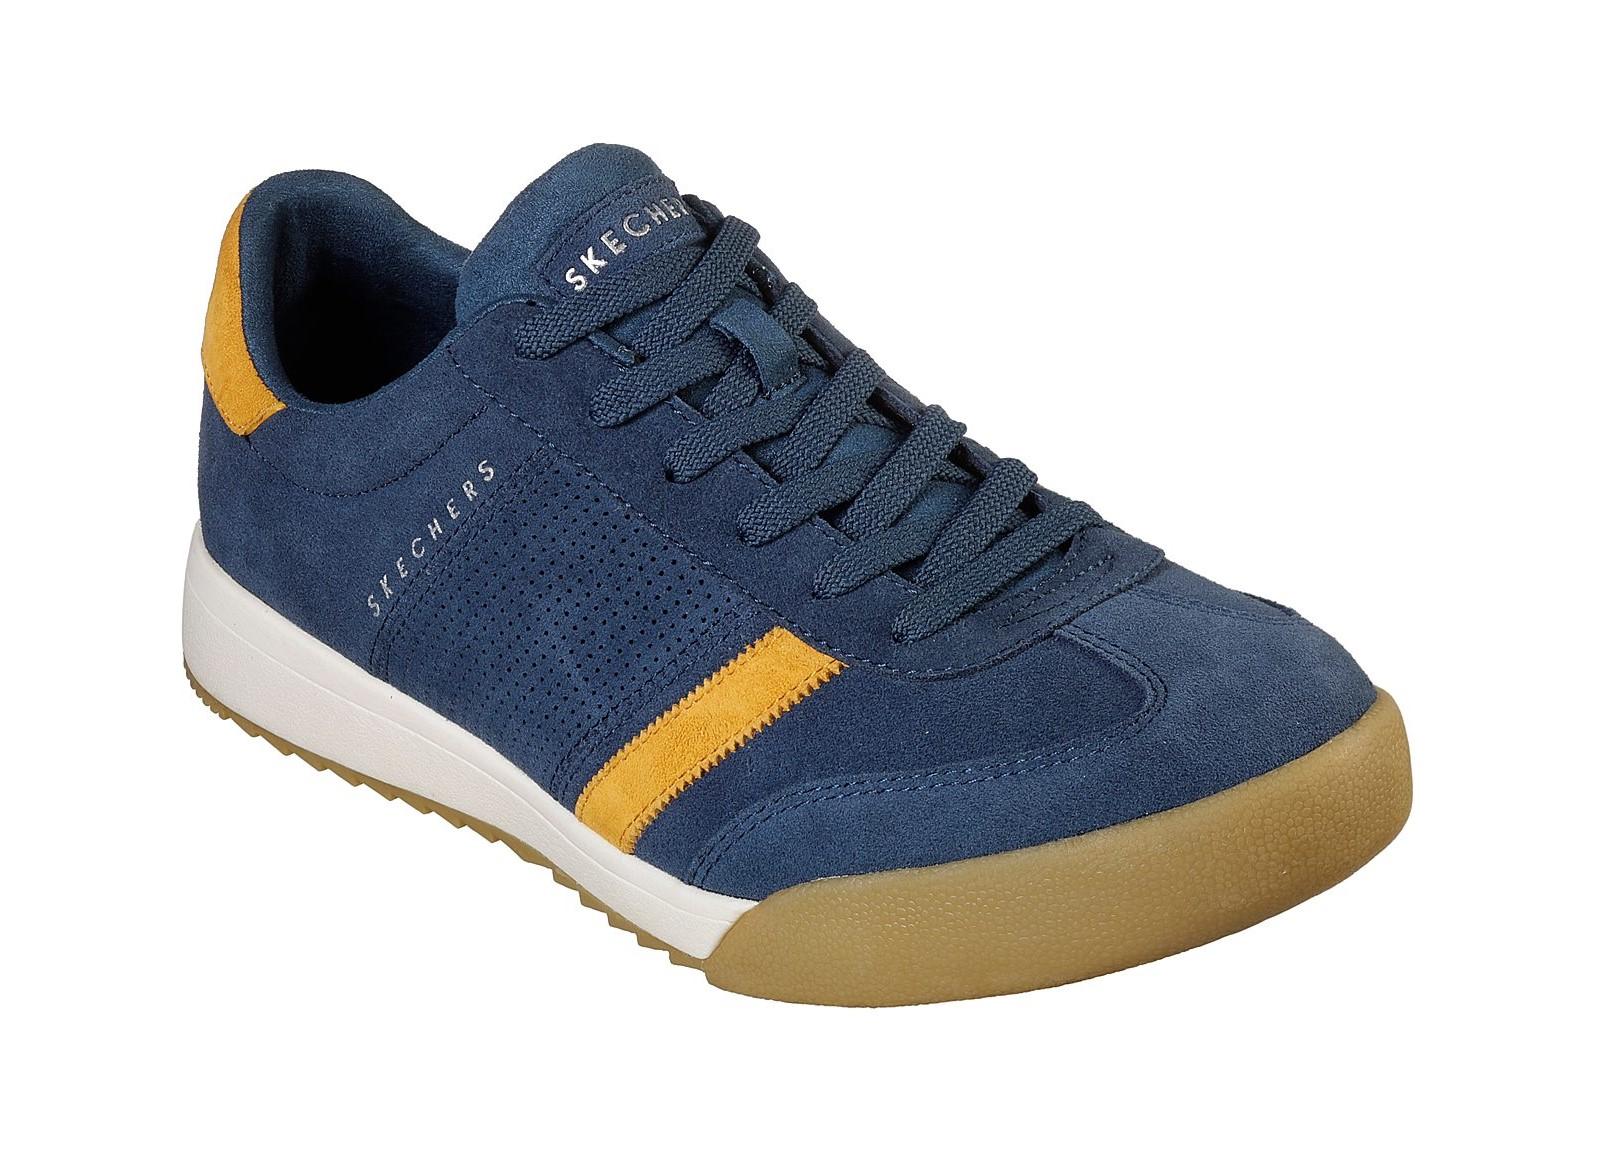 A Skechers shoe